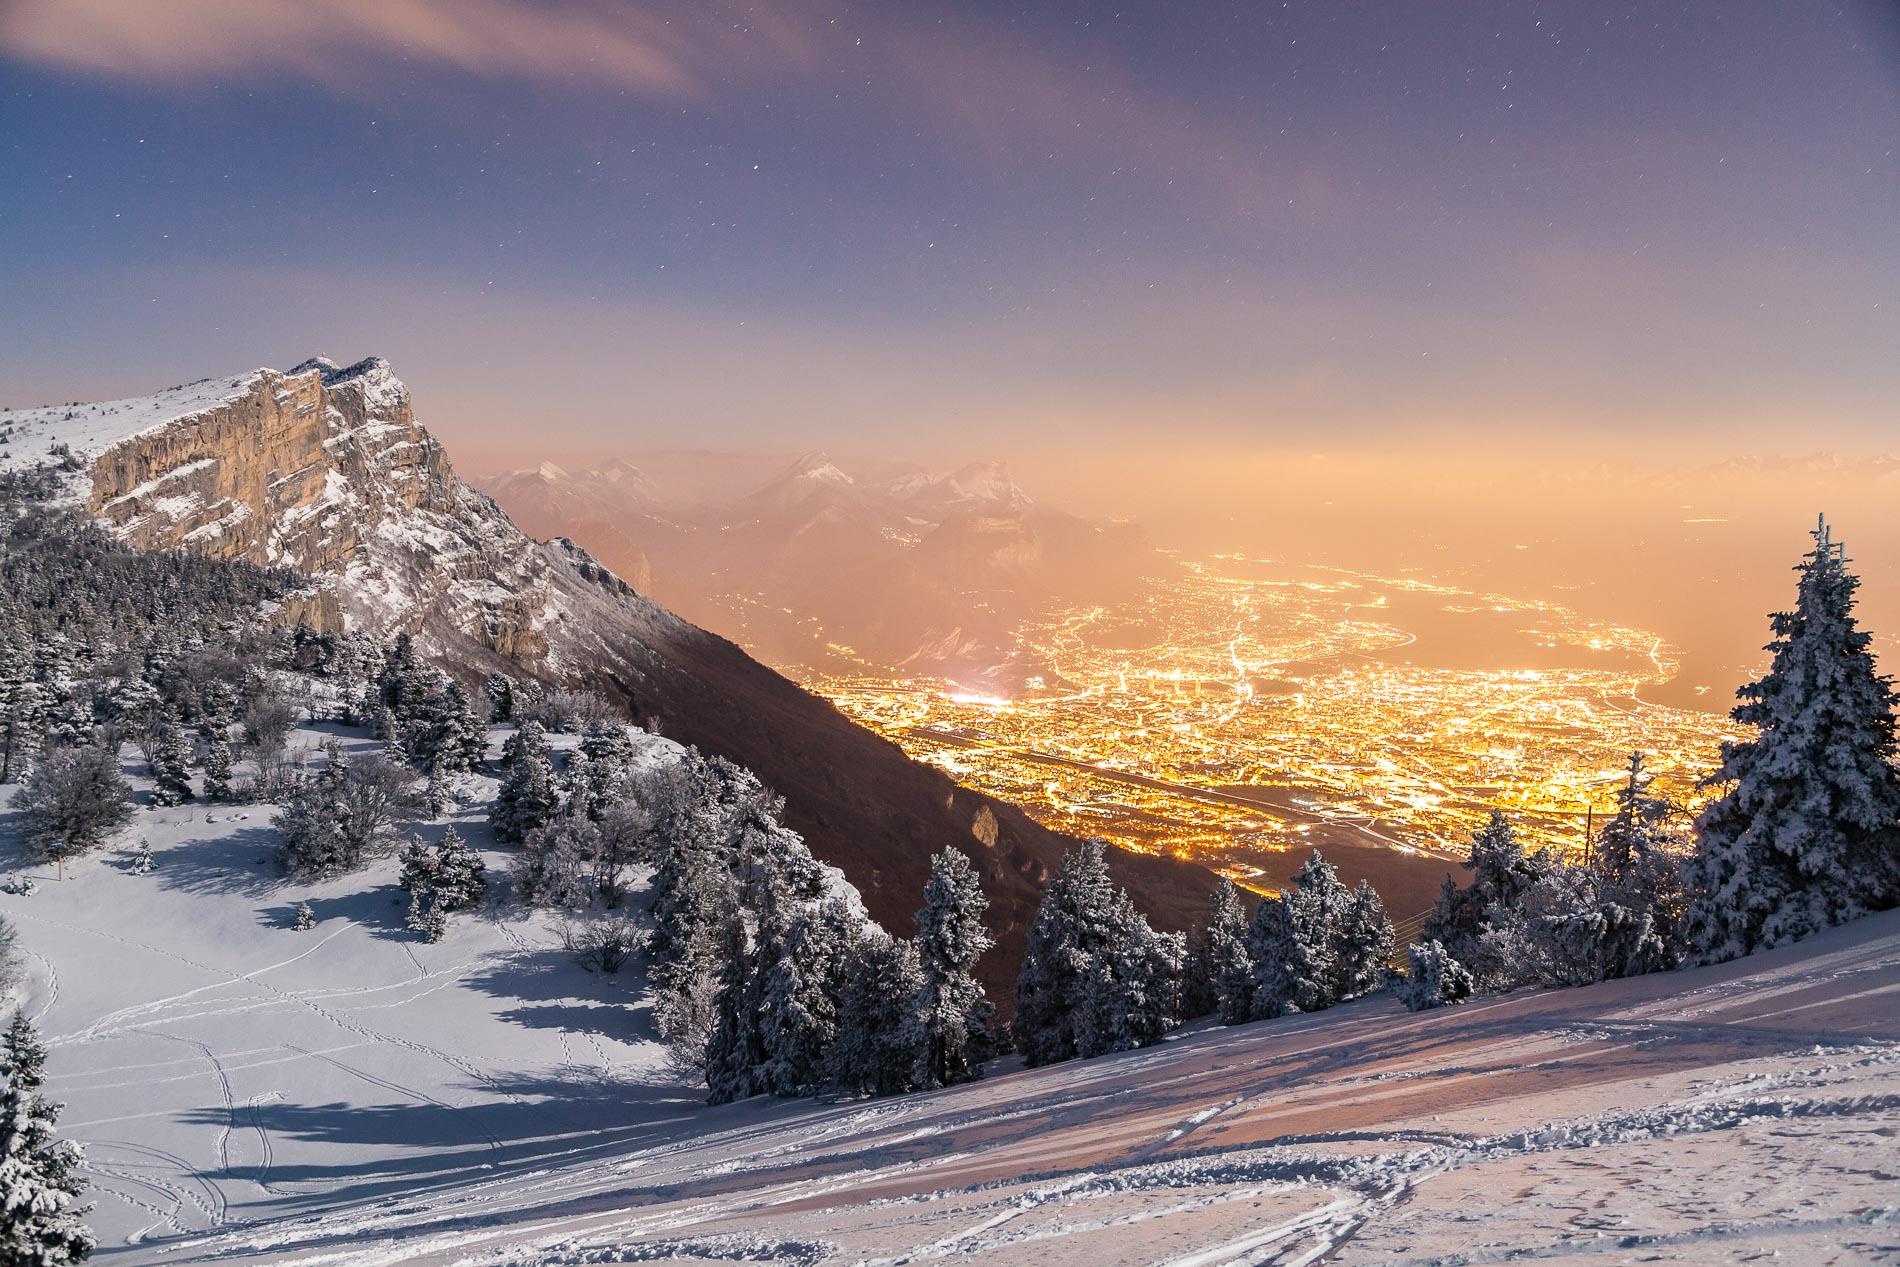 La métropole de Grenoble depuis le Vercors